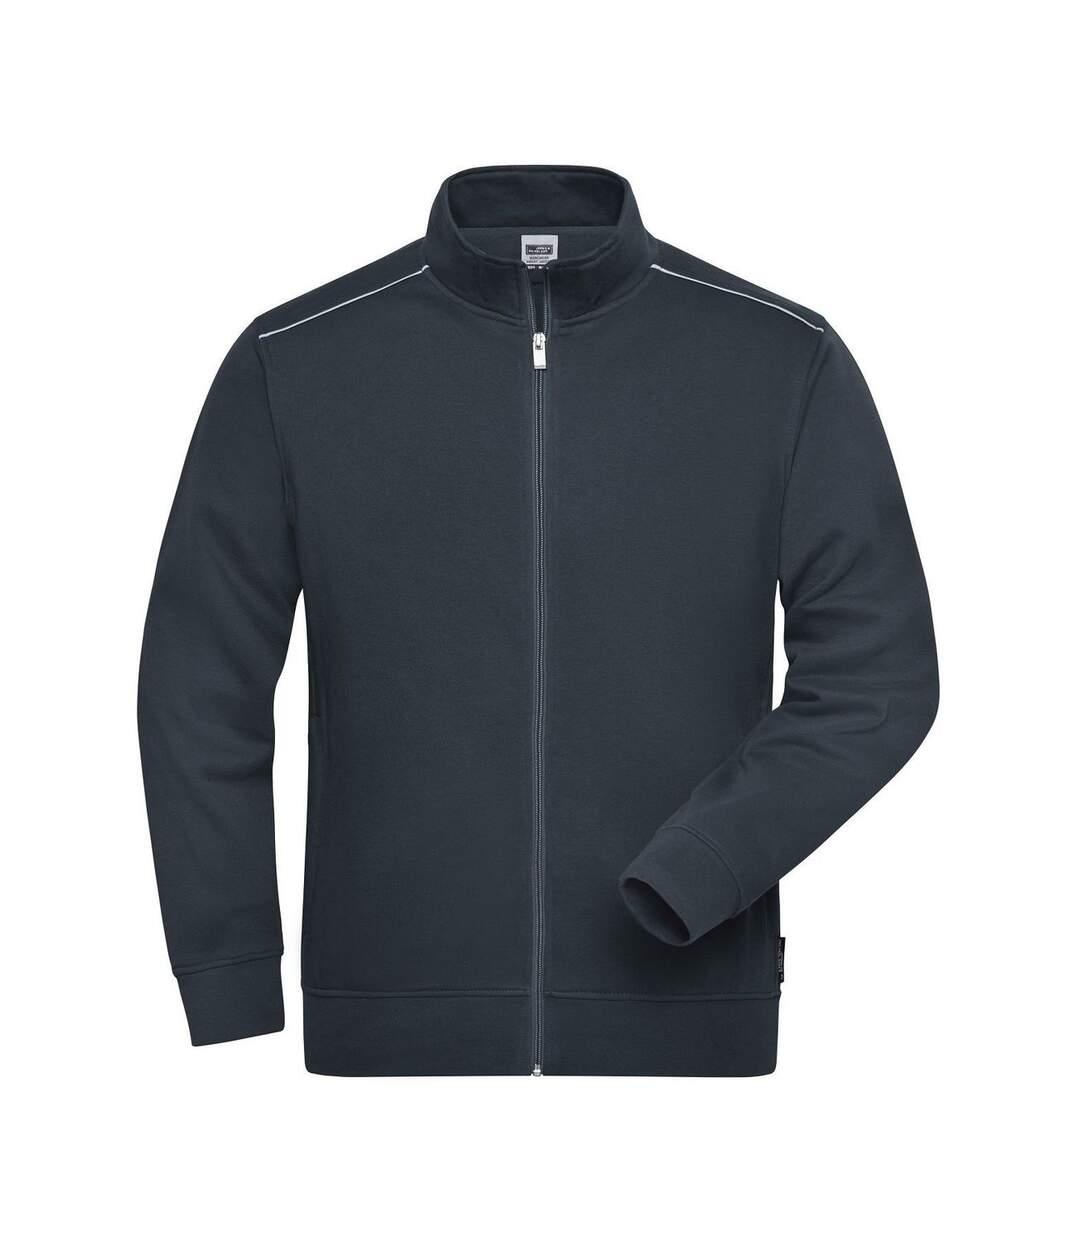 Veste sweat de travail - Homme - JN894 - gris carbone